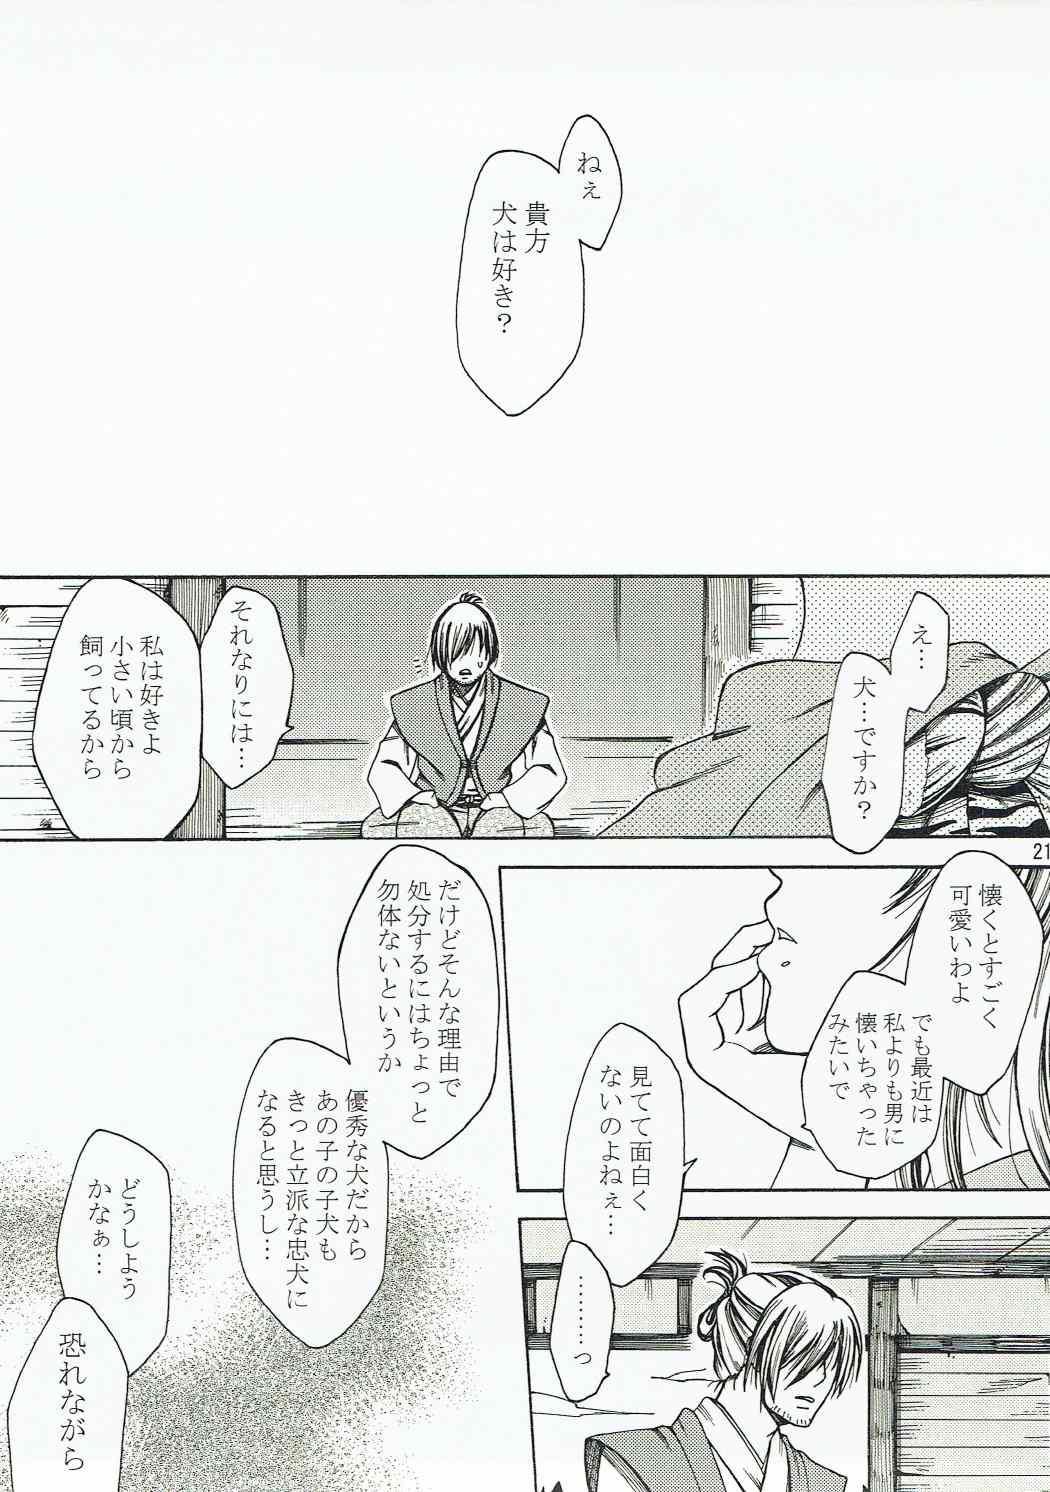 Inuchiyo-chan ga Yoshiharu janai Otoko to Kekkon suru Hon. 19